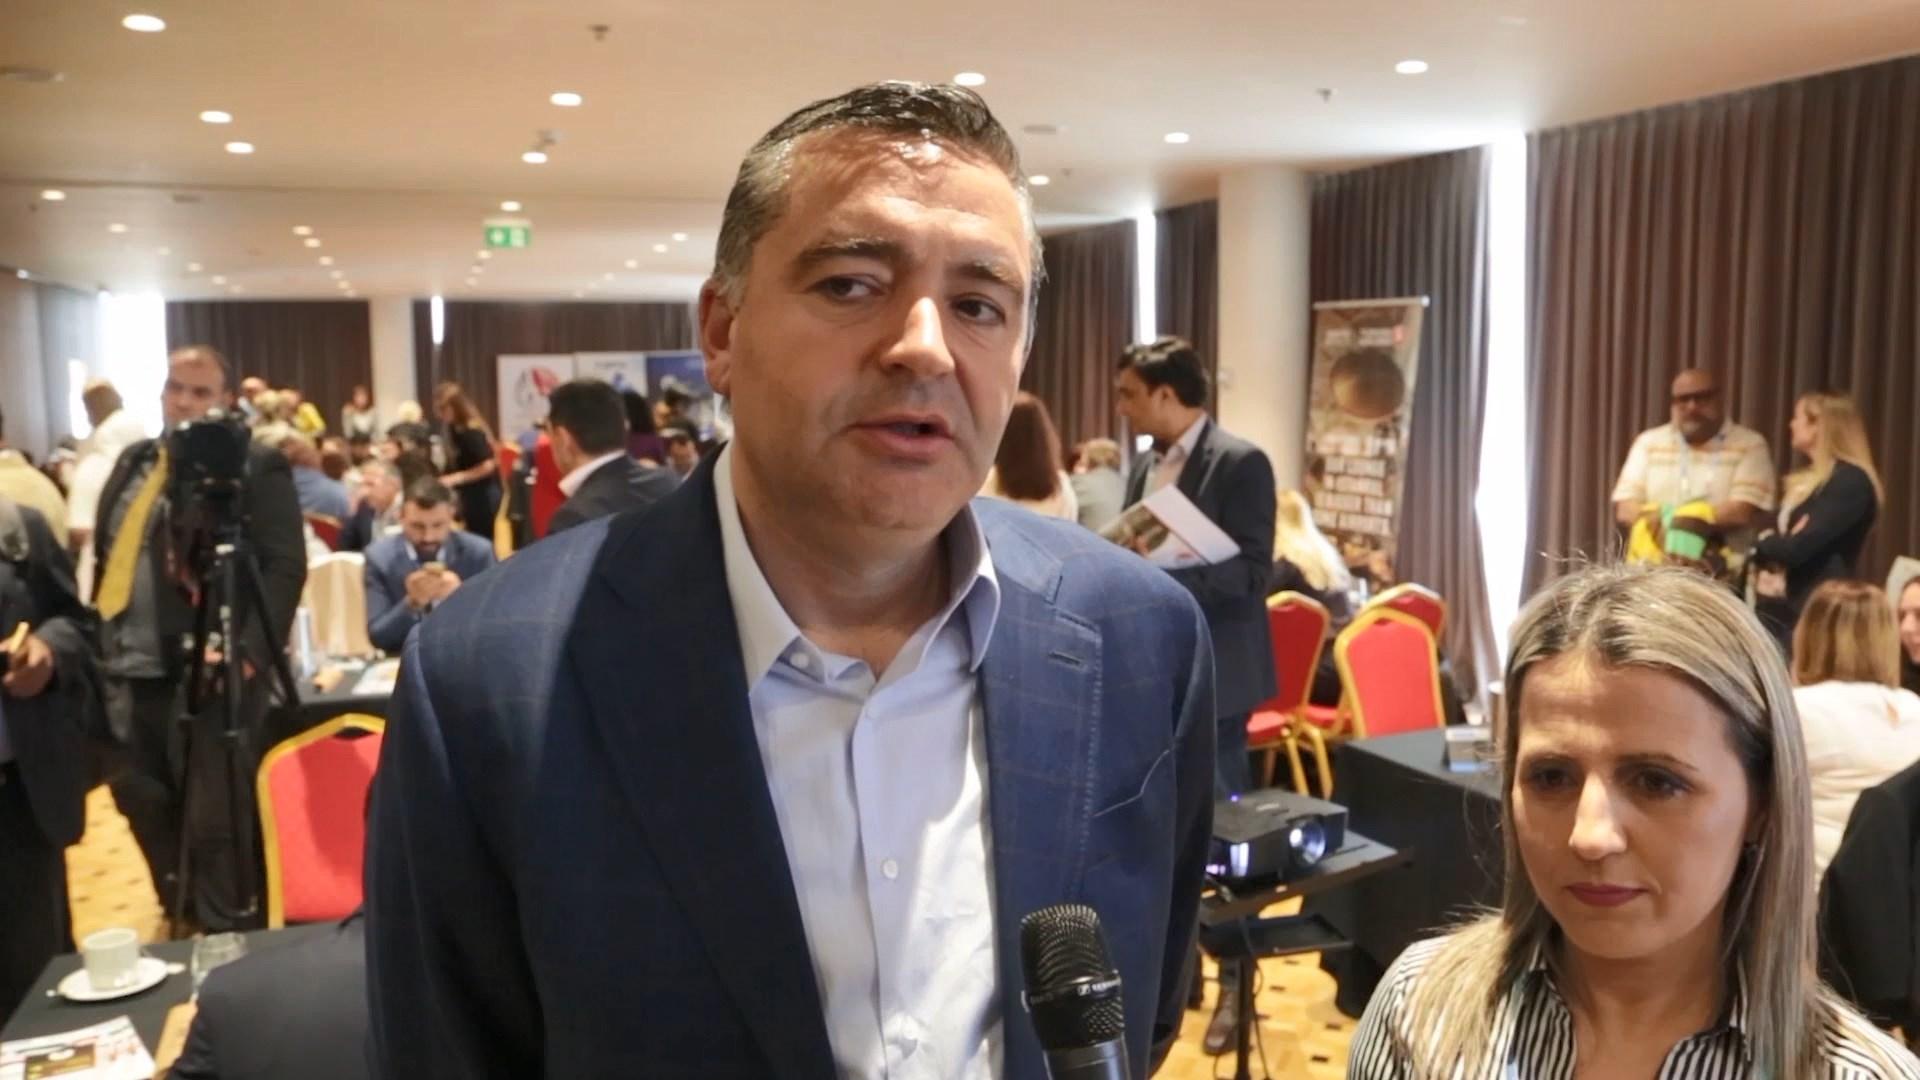 84 operatorë të huaj në Tiranë për të blerë paketa pushimesh në Shqipëri